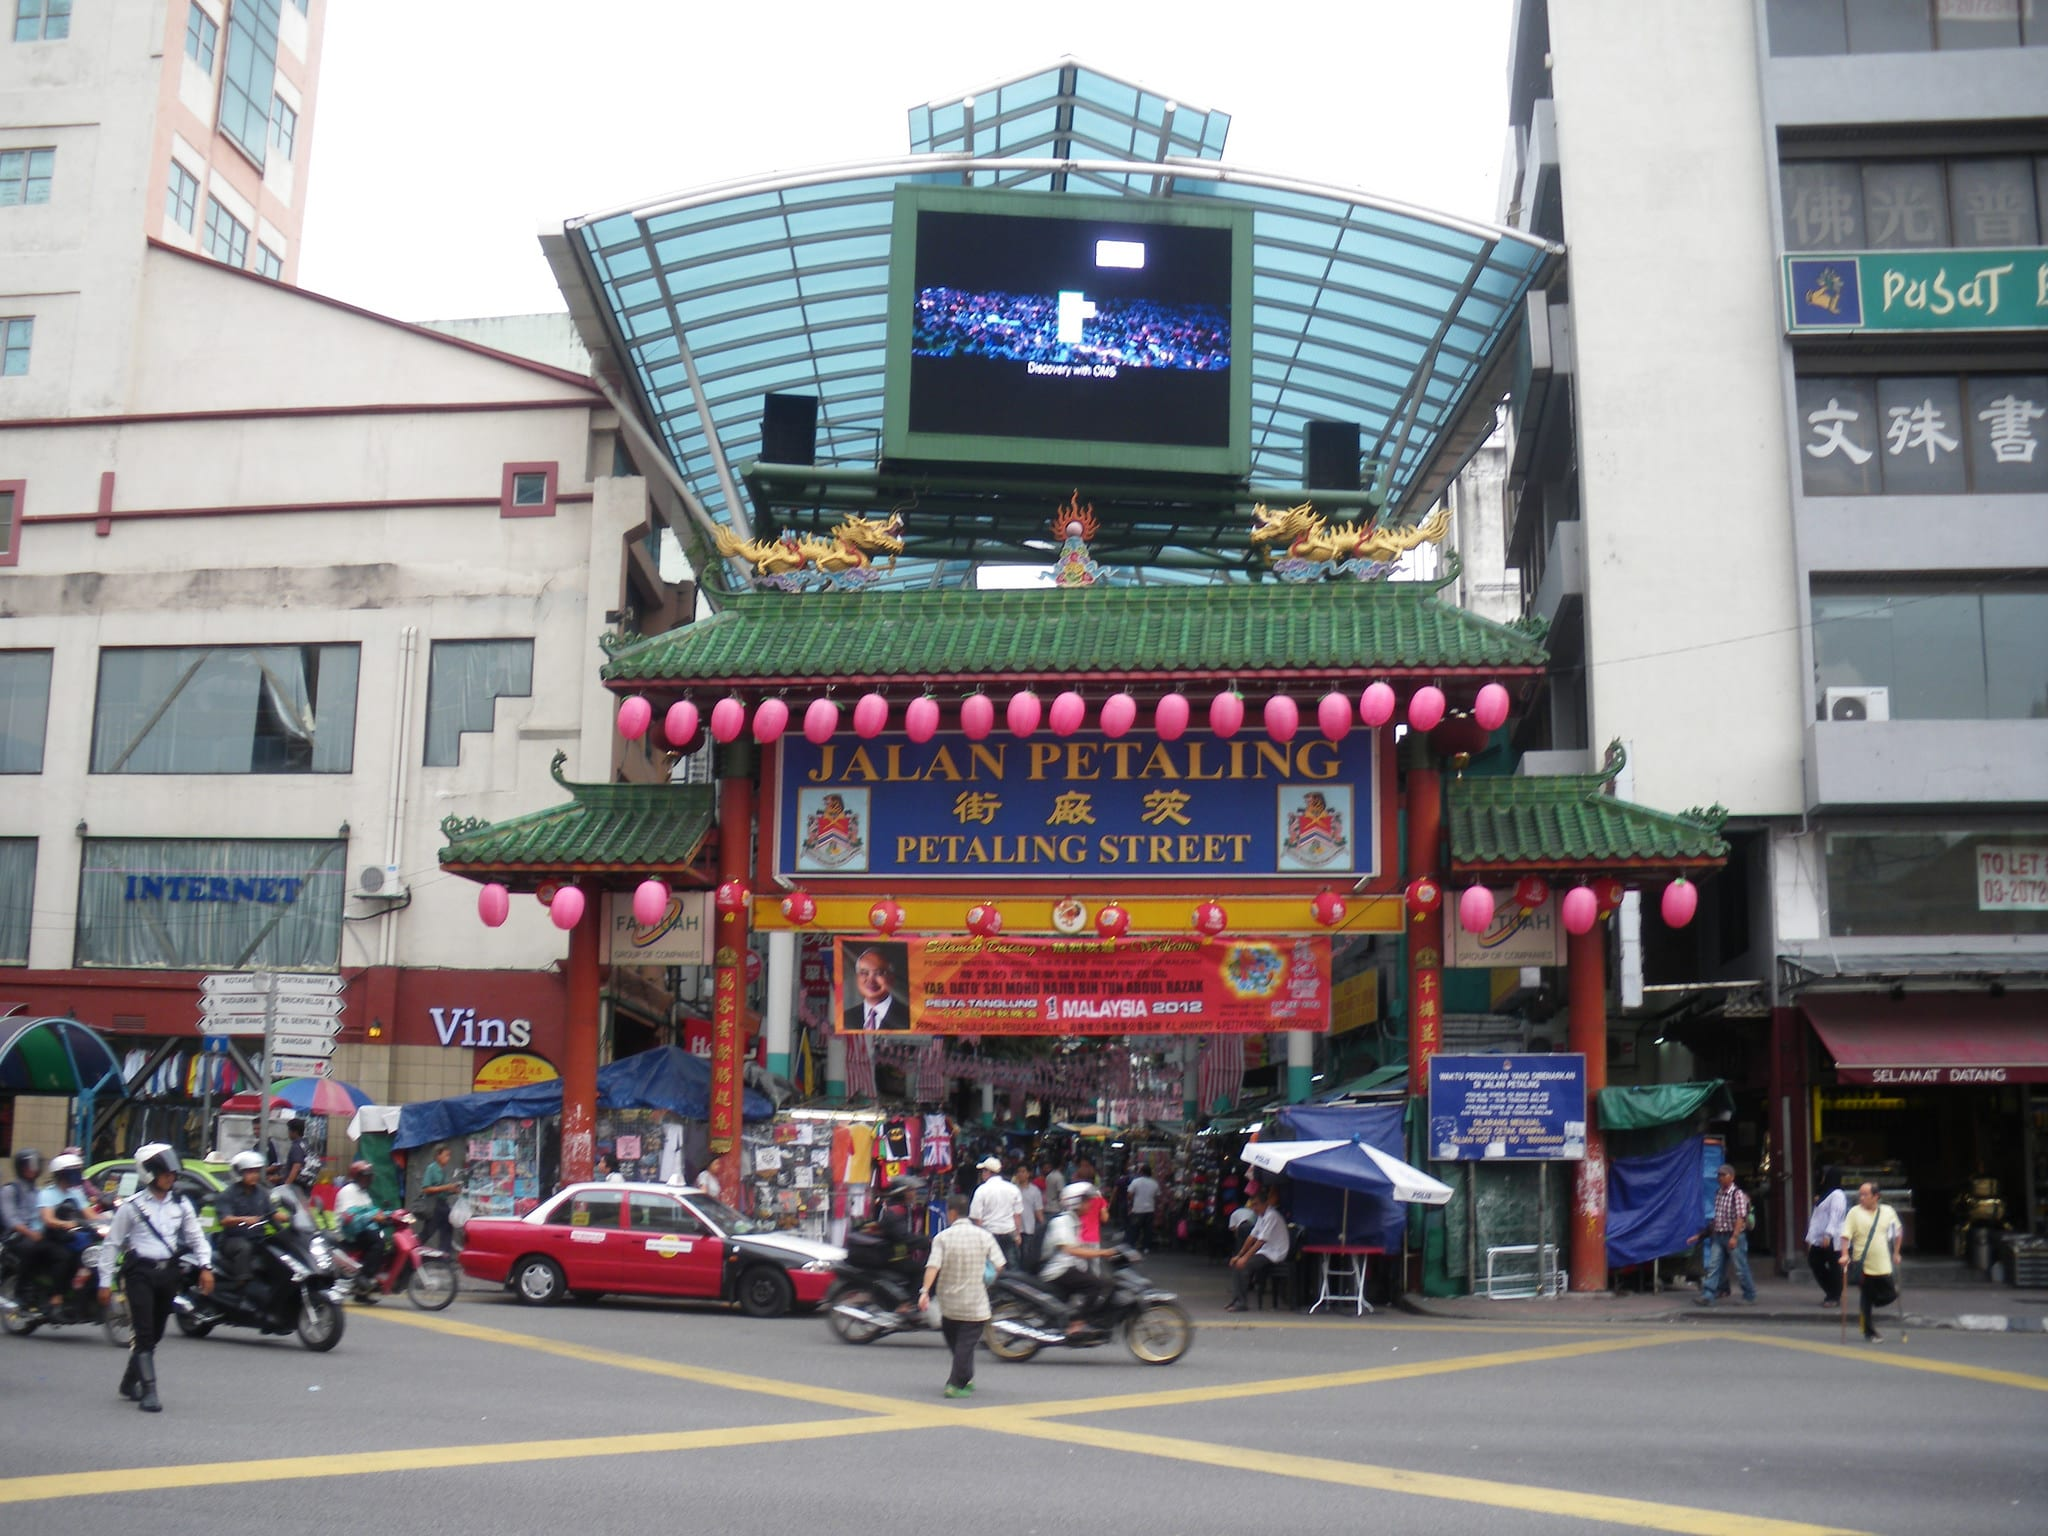 看到這個就表示茨廠街到啦。來源:http://bit.ly/2ugI0rg。